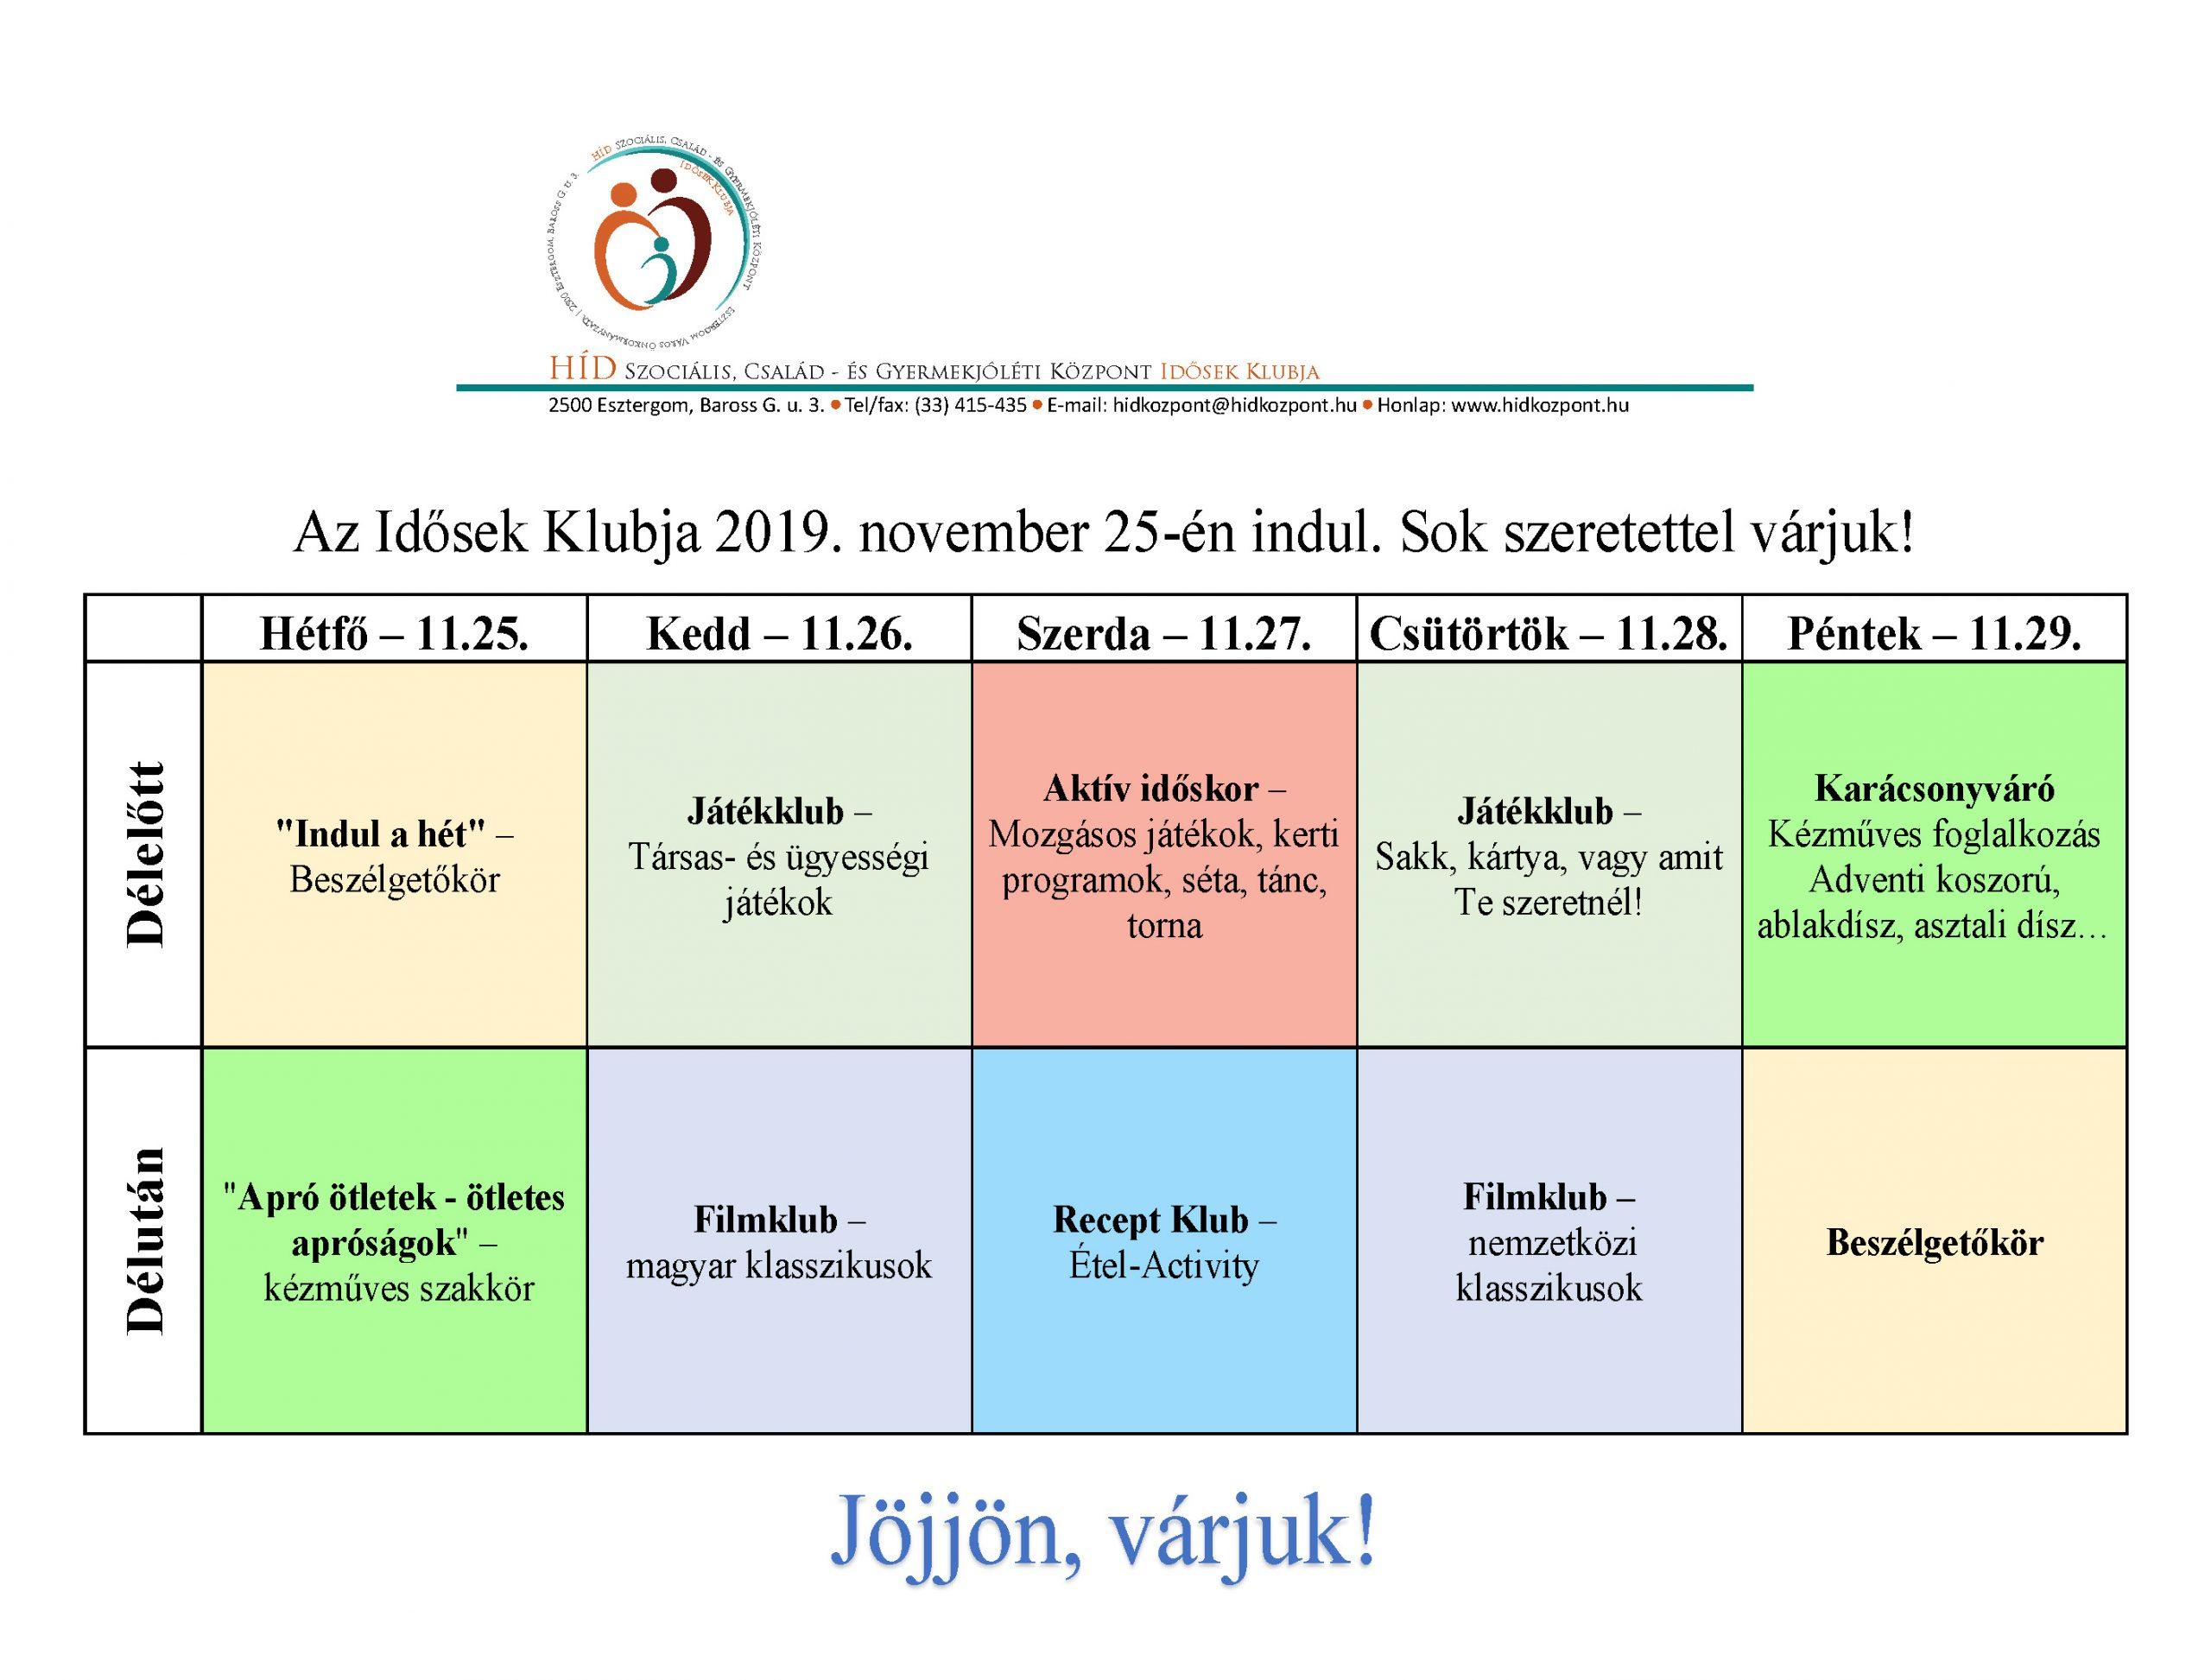 idosek_klubja_nov25